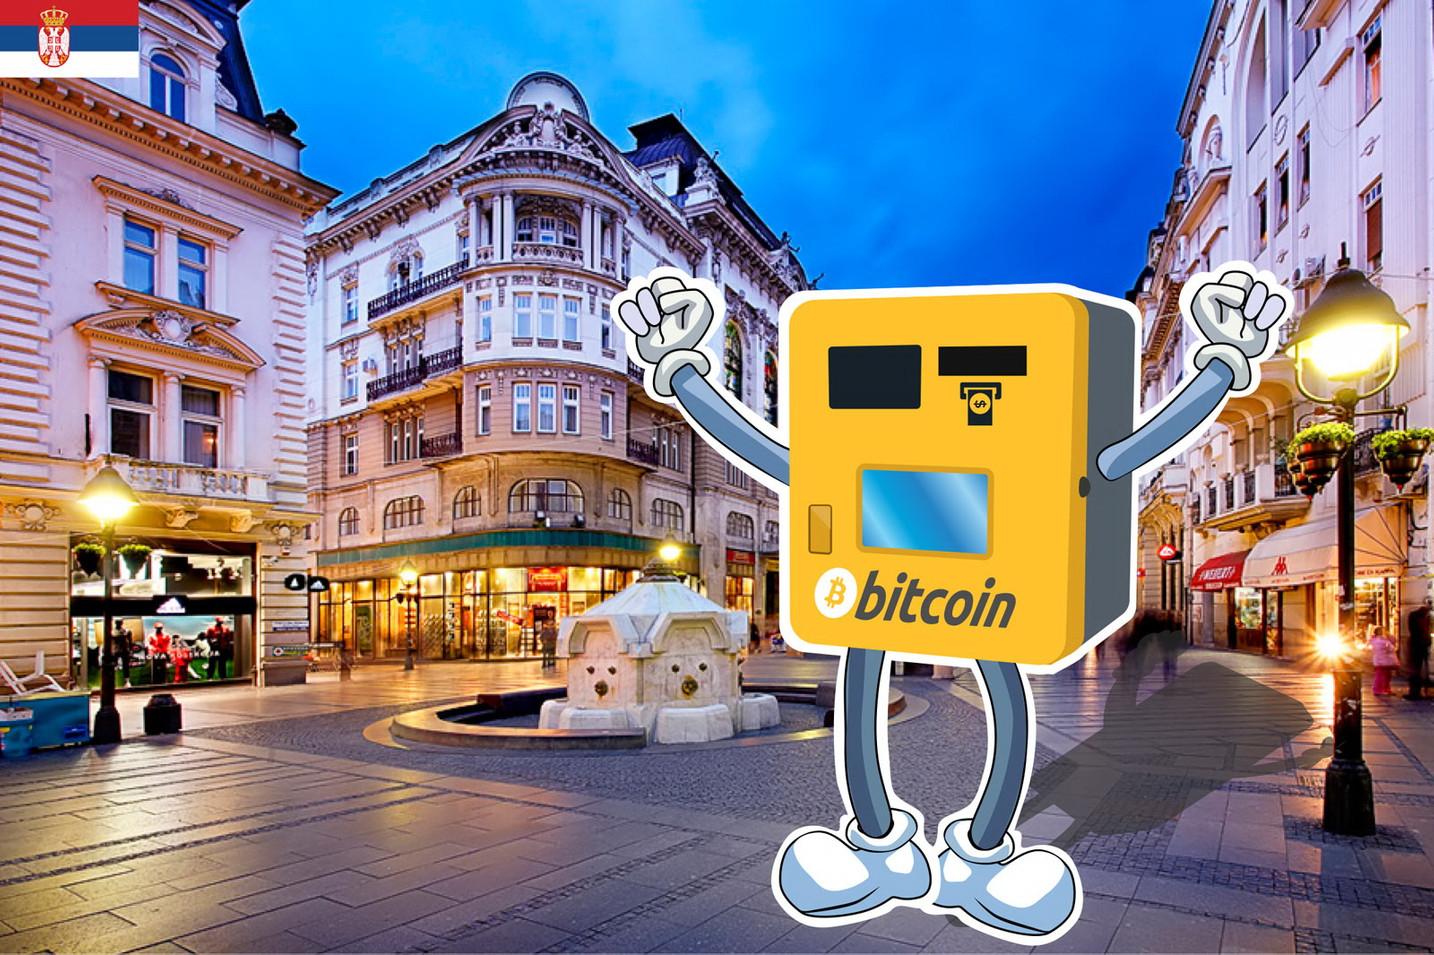 ECD: Bitkoin automati na novim lokacijama